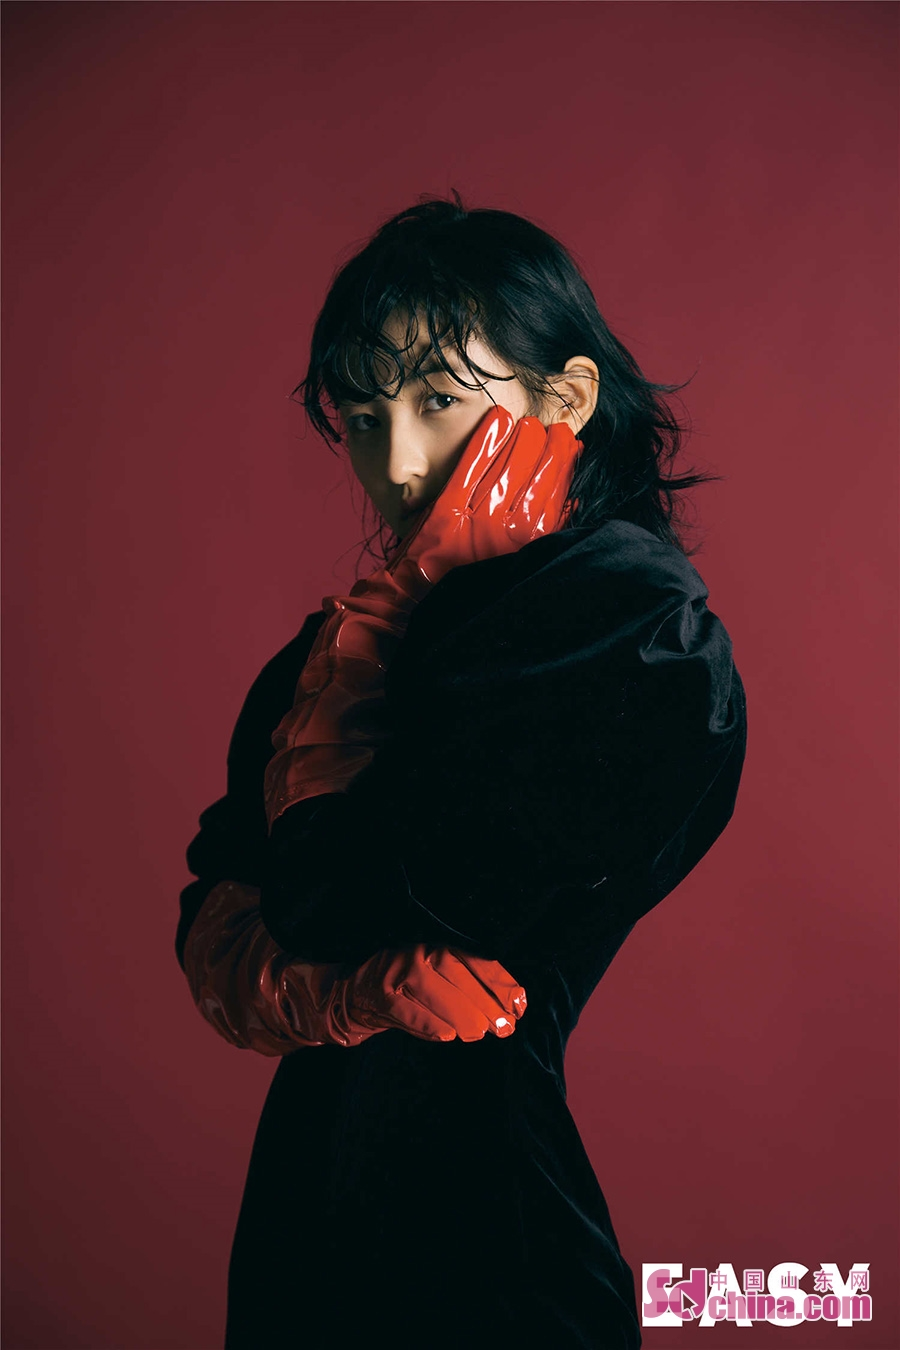 <br/>  日前,张子枫为Easy拍摄了一组写真,色彩浓烈的背景搭配张子枫大红的衣着和紫色的毛领,呈现出浓墨重彩的油画风。额前的湿发还有倔强的眼神显得甜酷十足,让人眼前一亮。<br/>